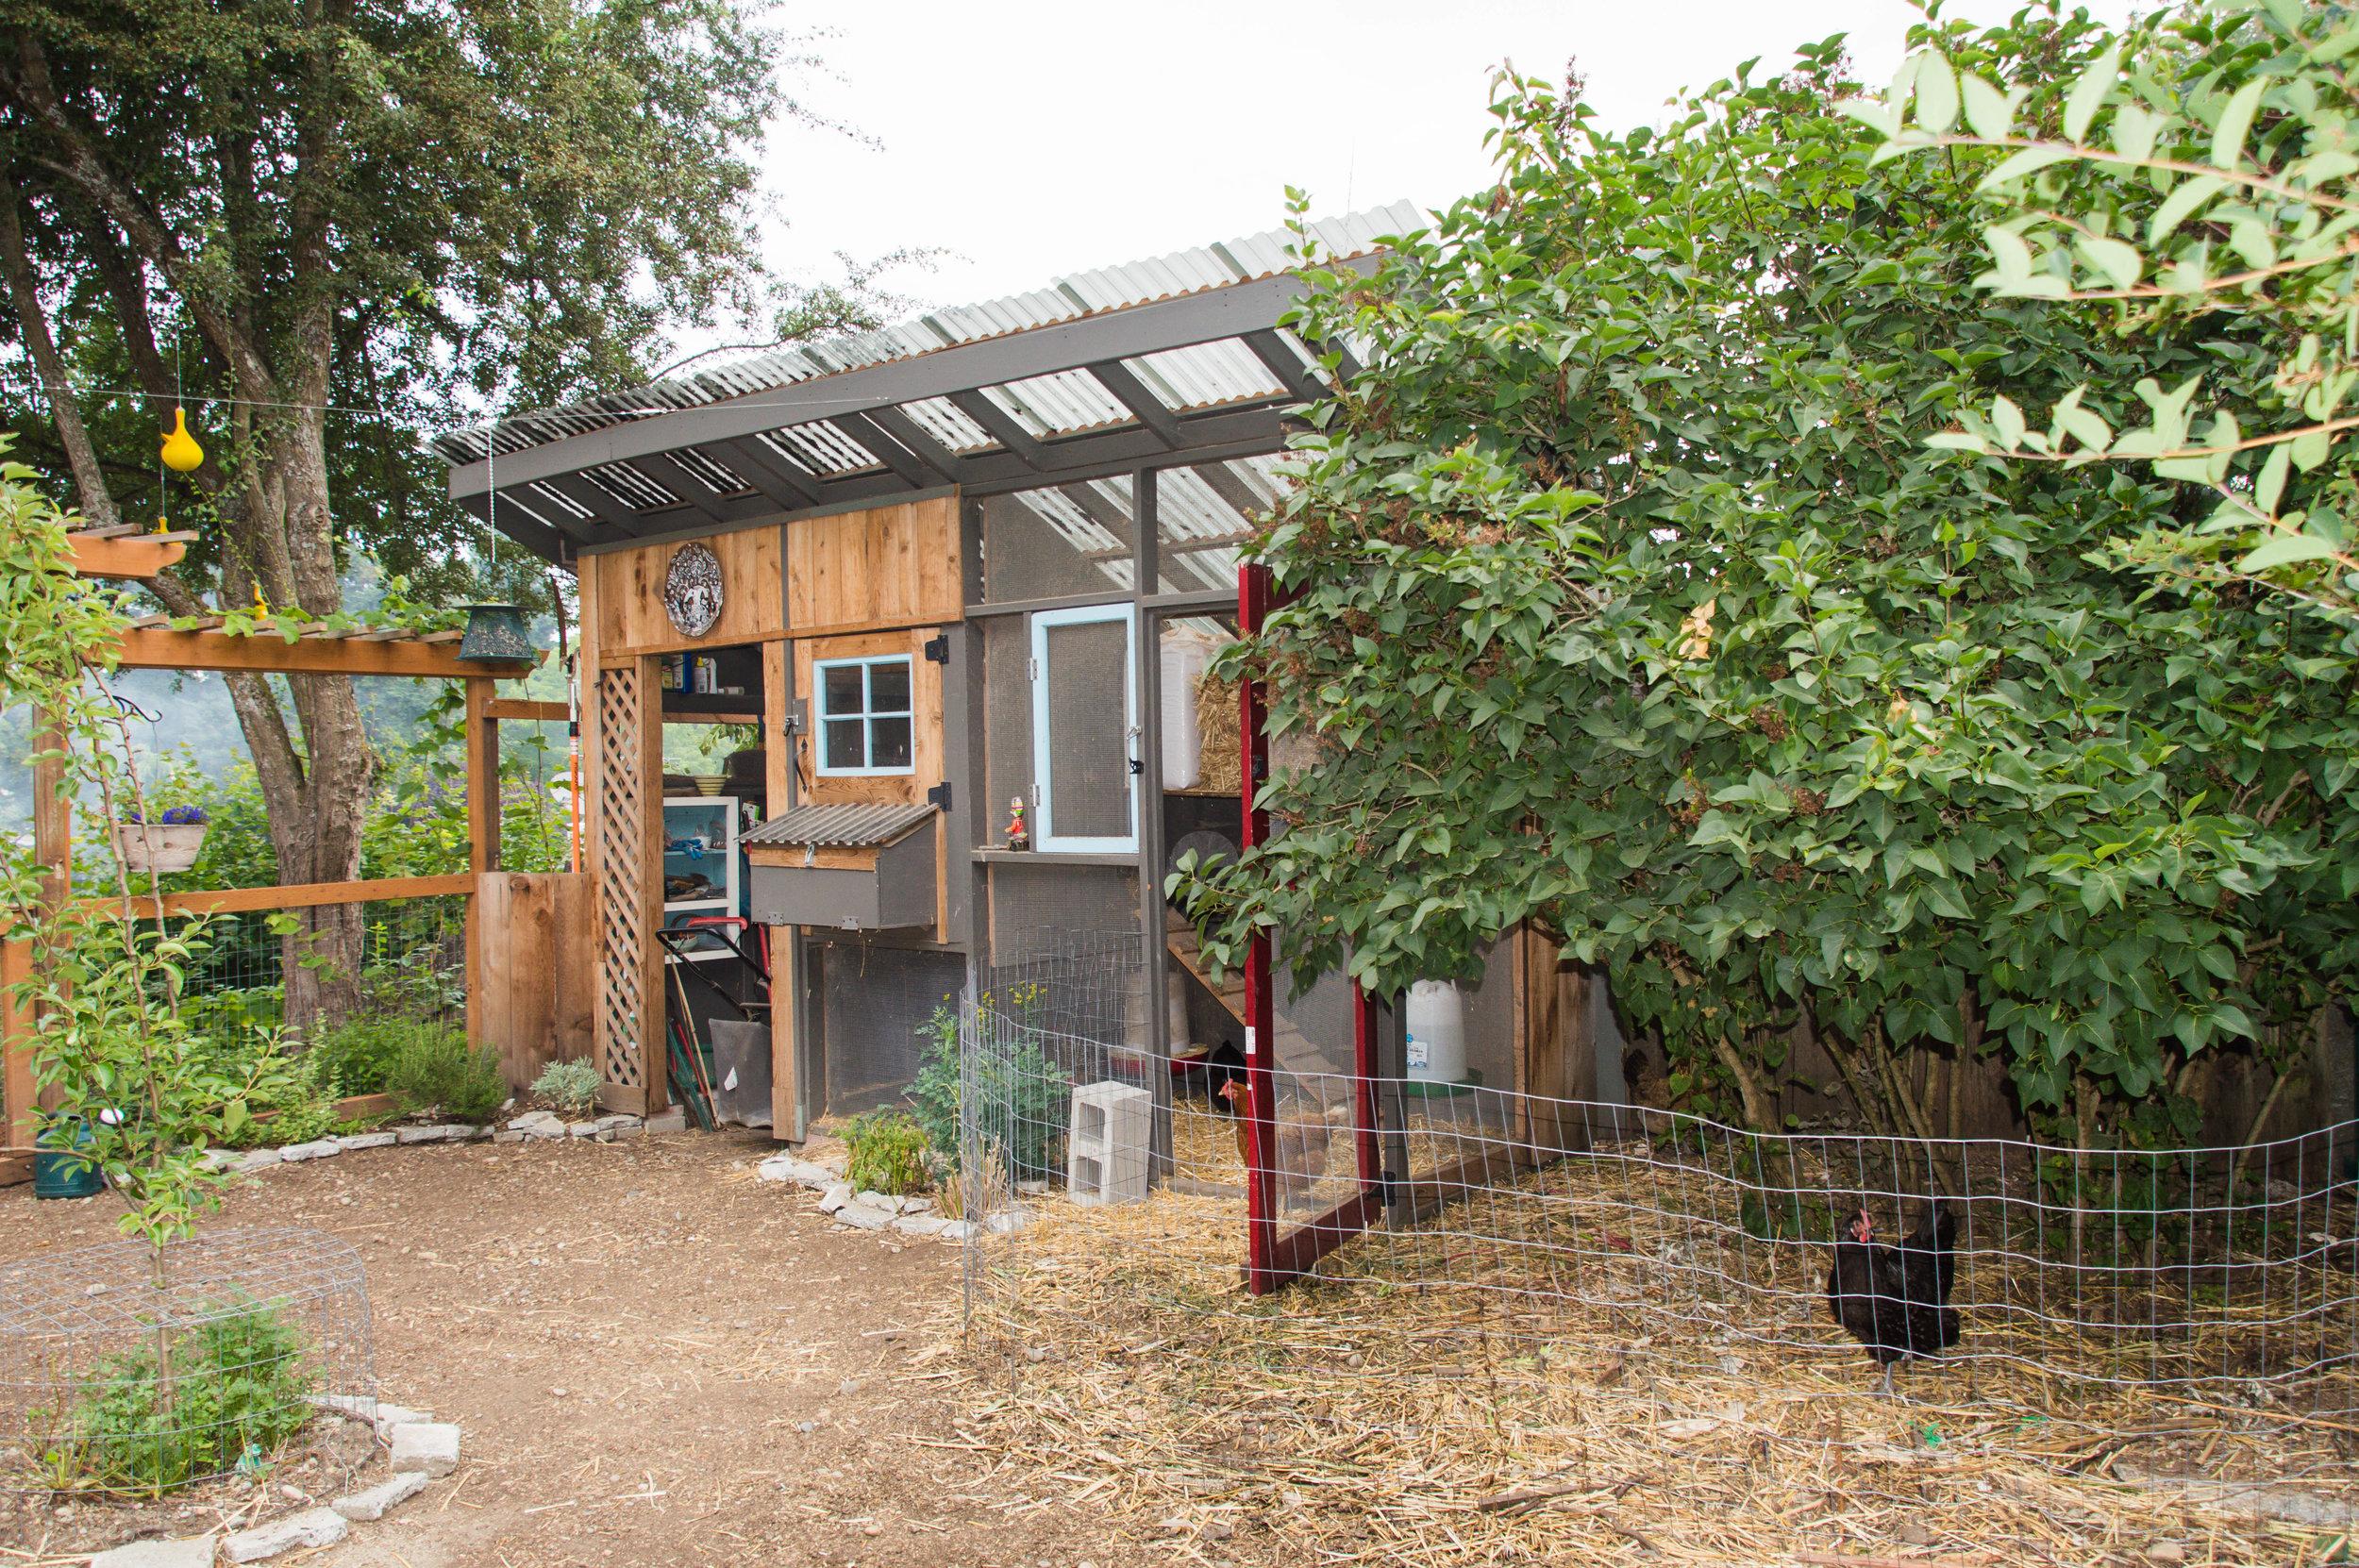 Johnson, Chelsie_2015 Tilth Coop & Farm Tour_46.jpg-19040787233.jpg